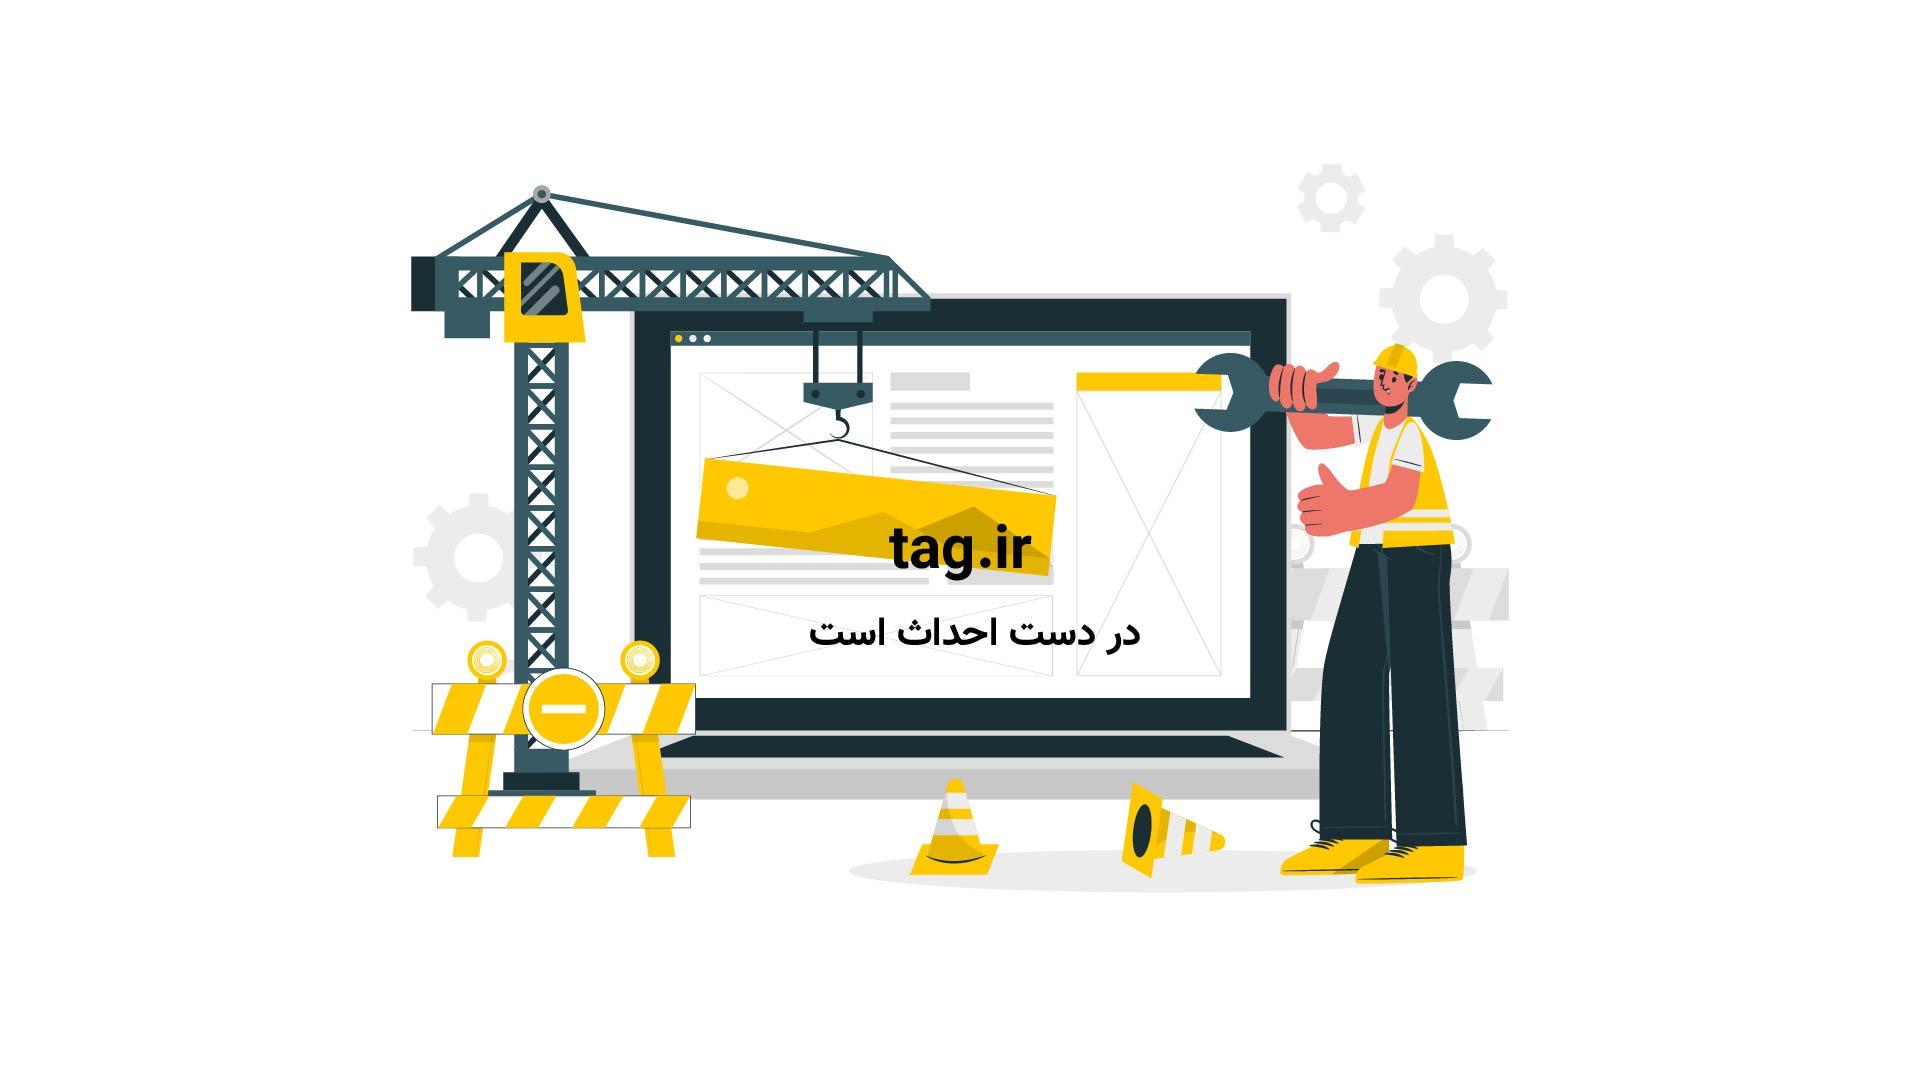 نجات فیل | تگ